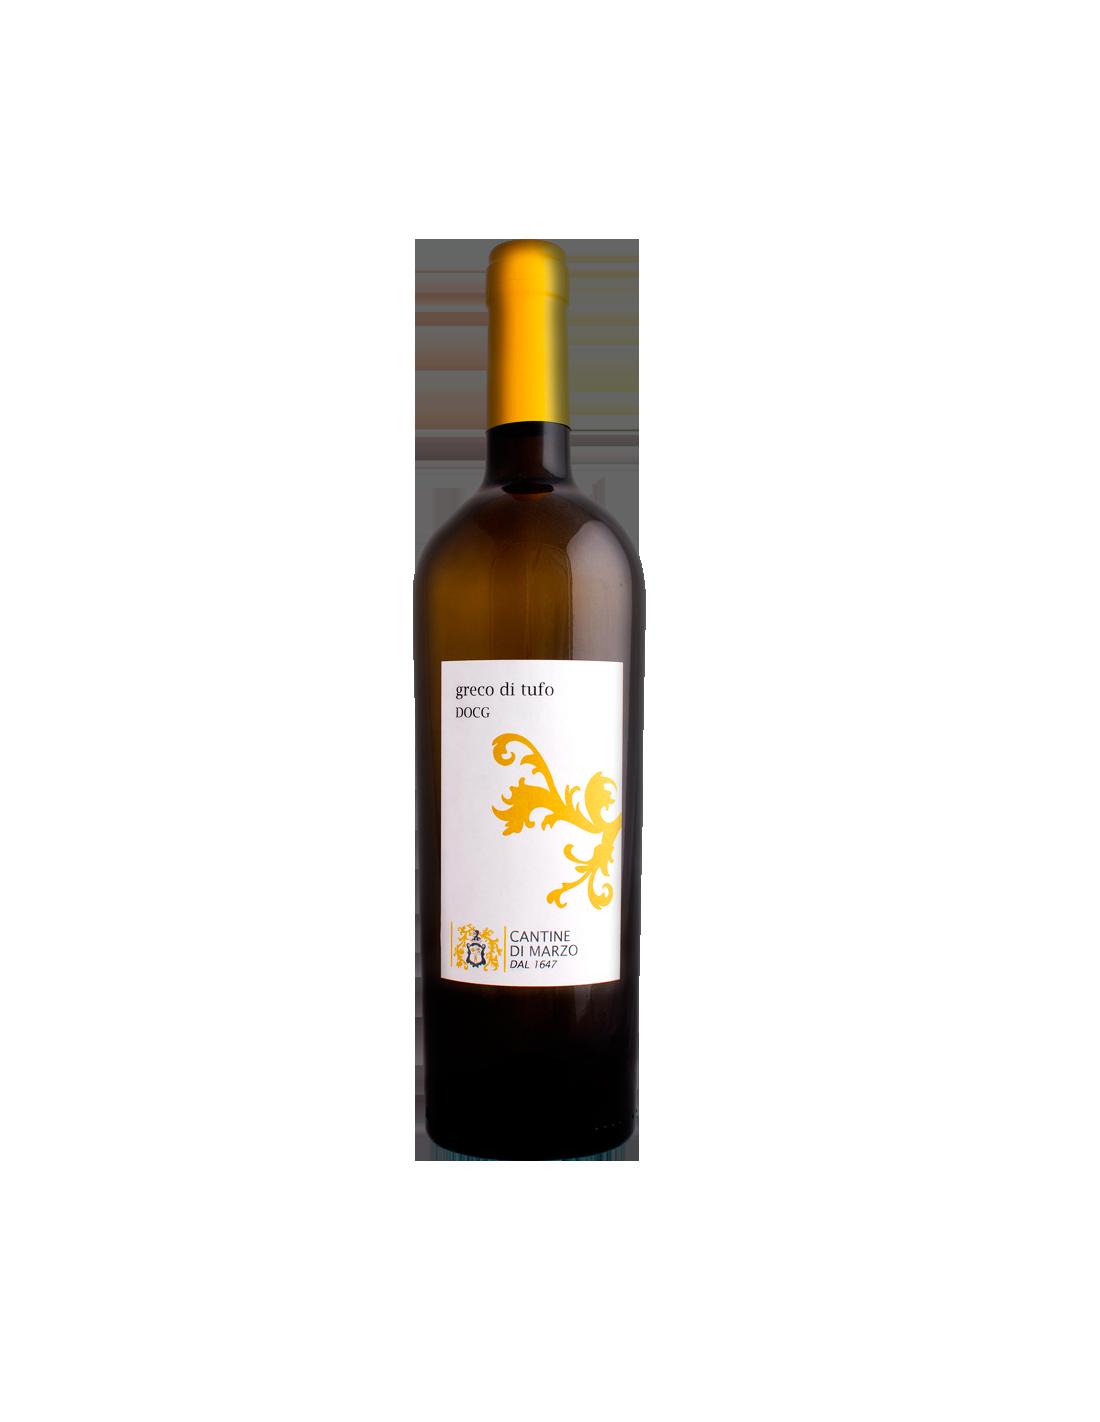 Vin alb, Greco, Cantine di Marzo Tufo, 0.75L, Grecia